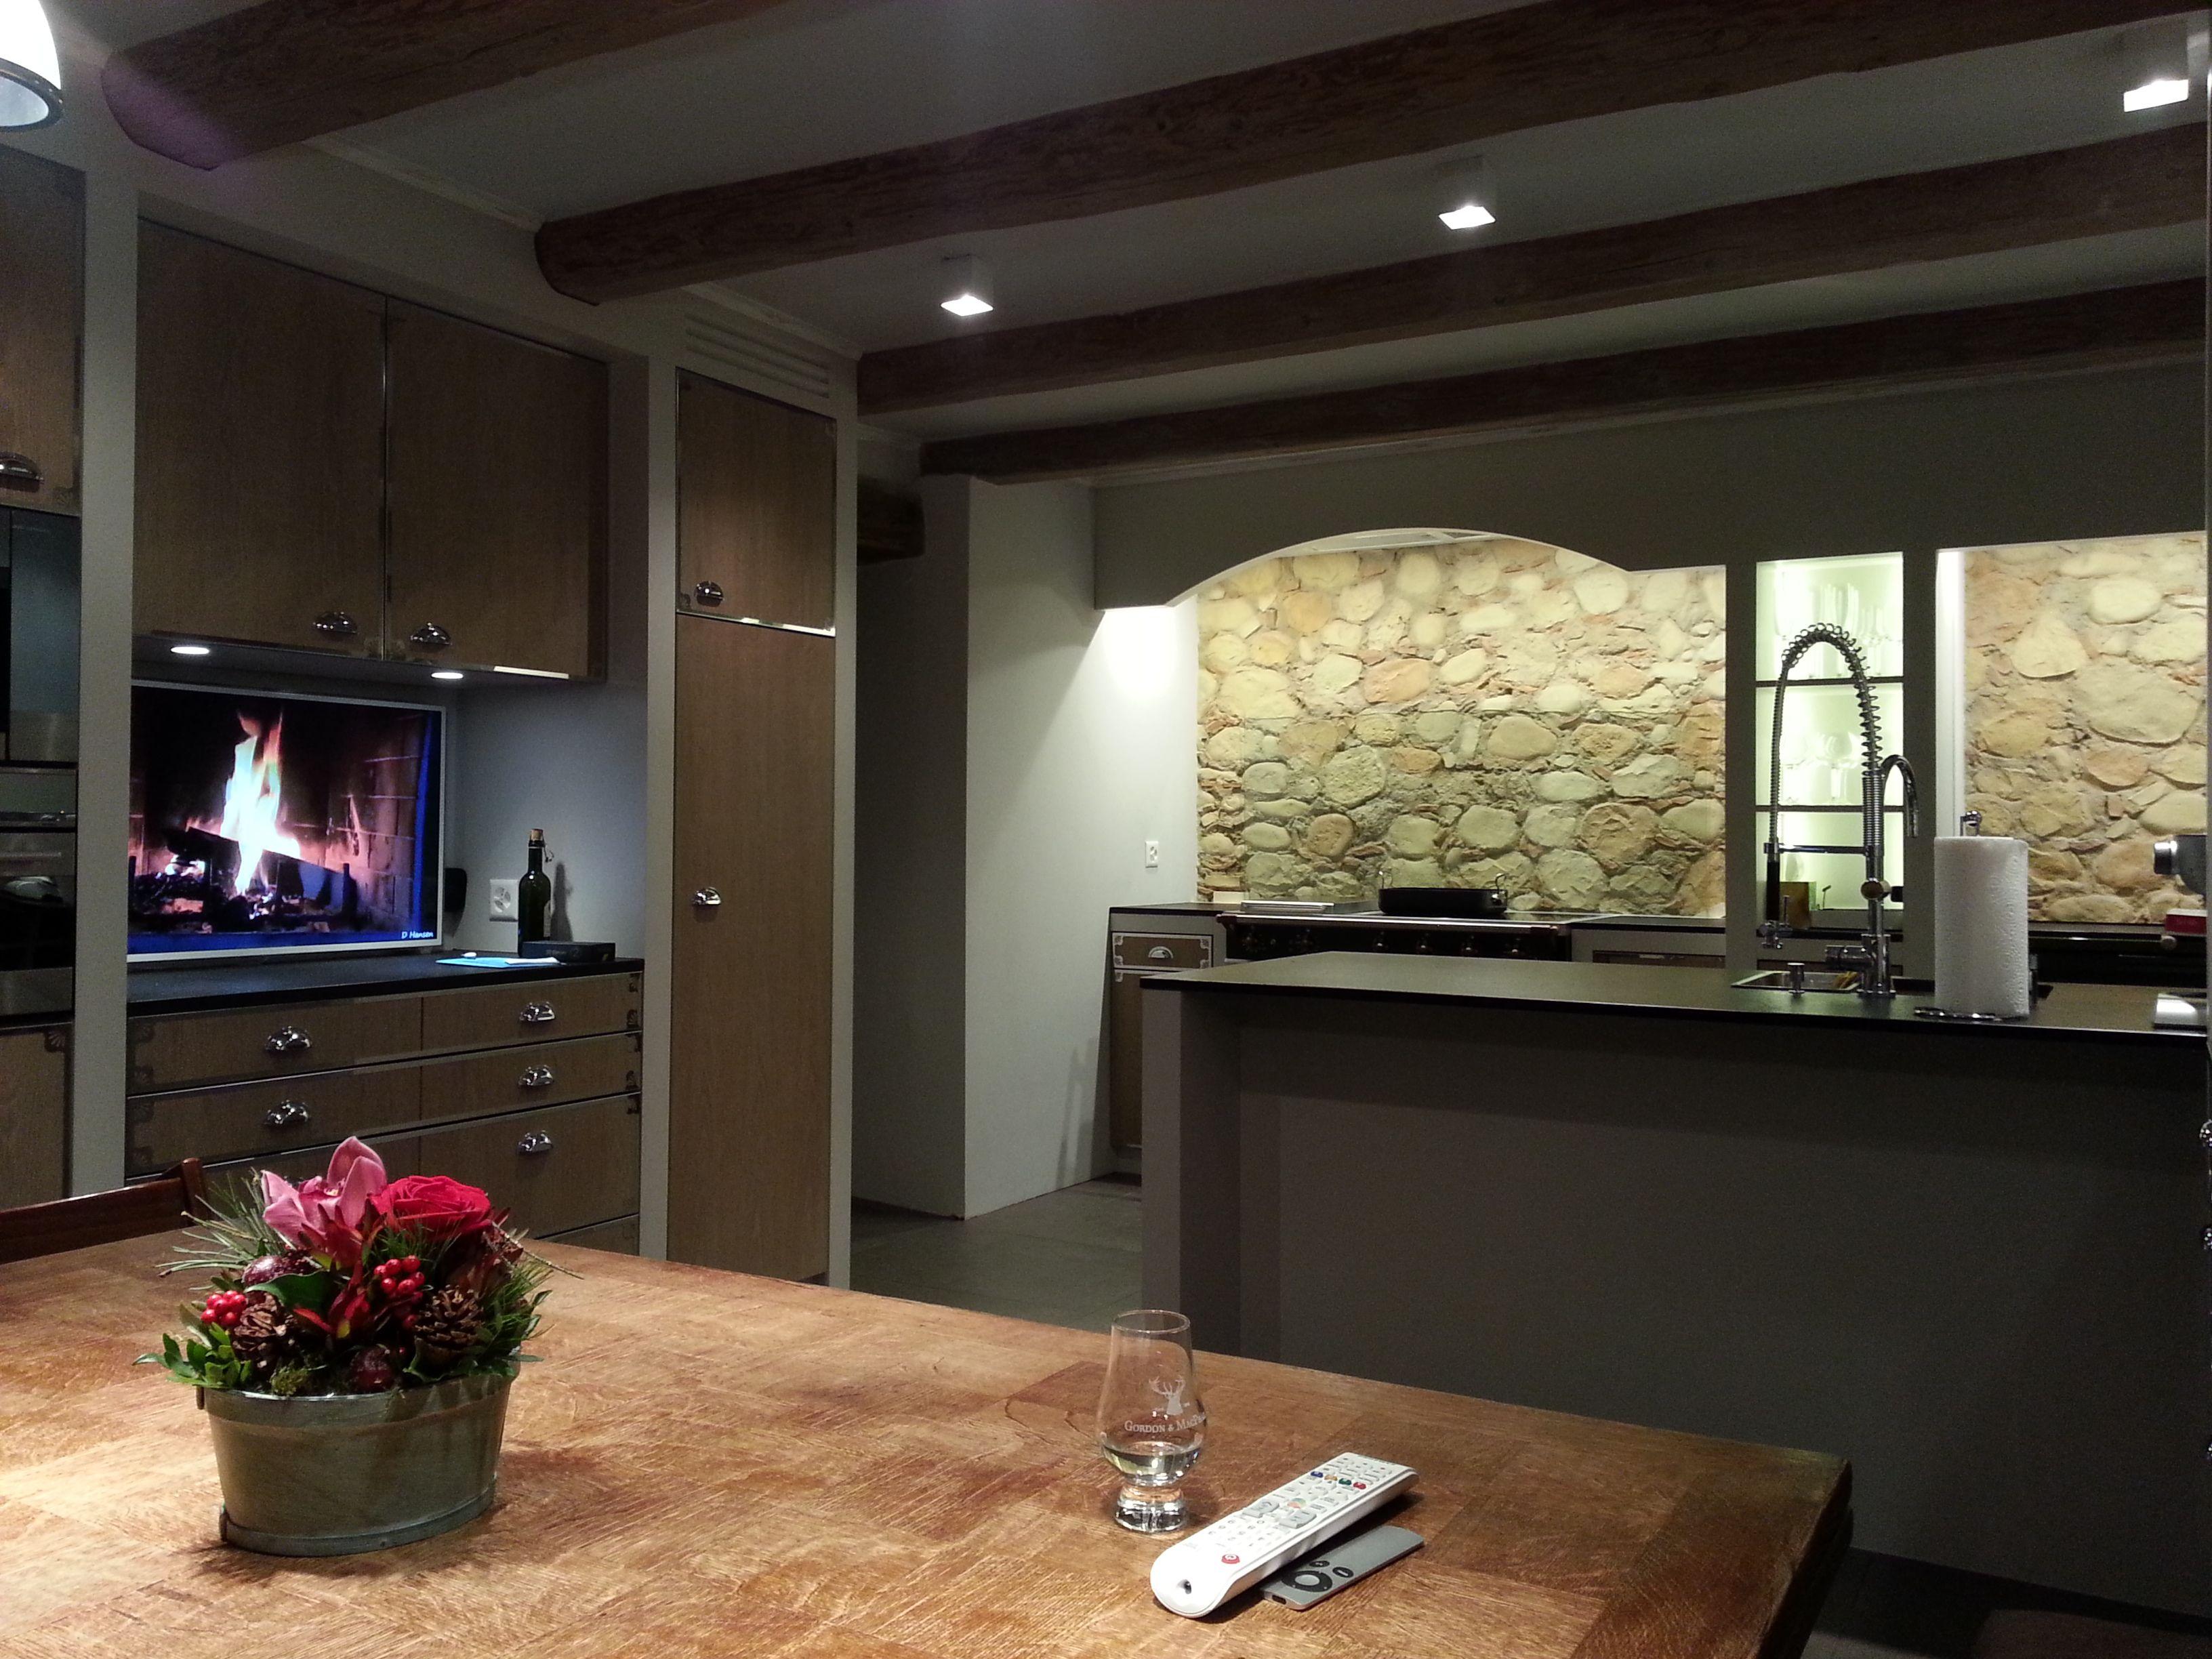 küche kunststein wand   küche mit steinwand   pinterest